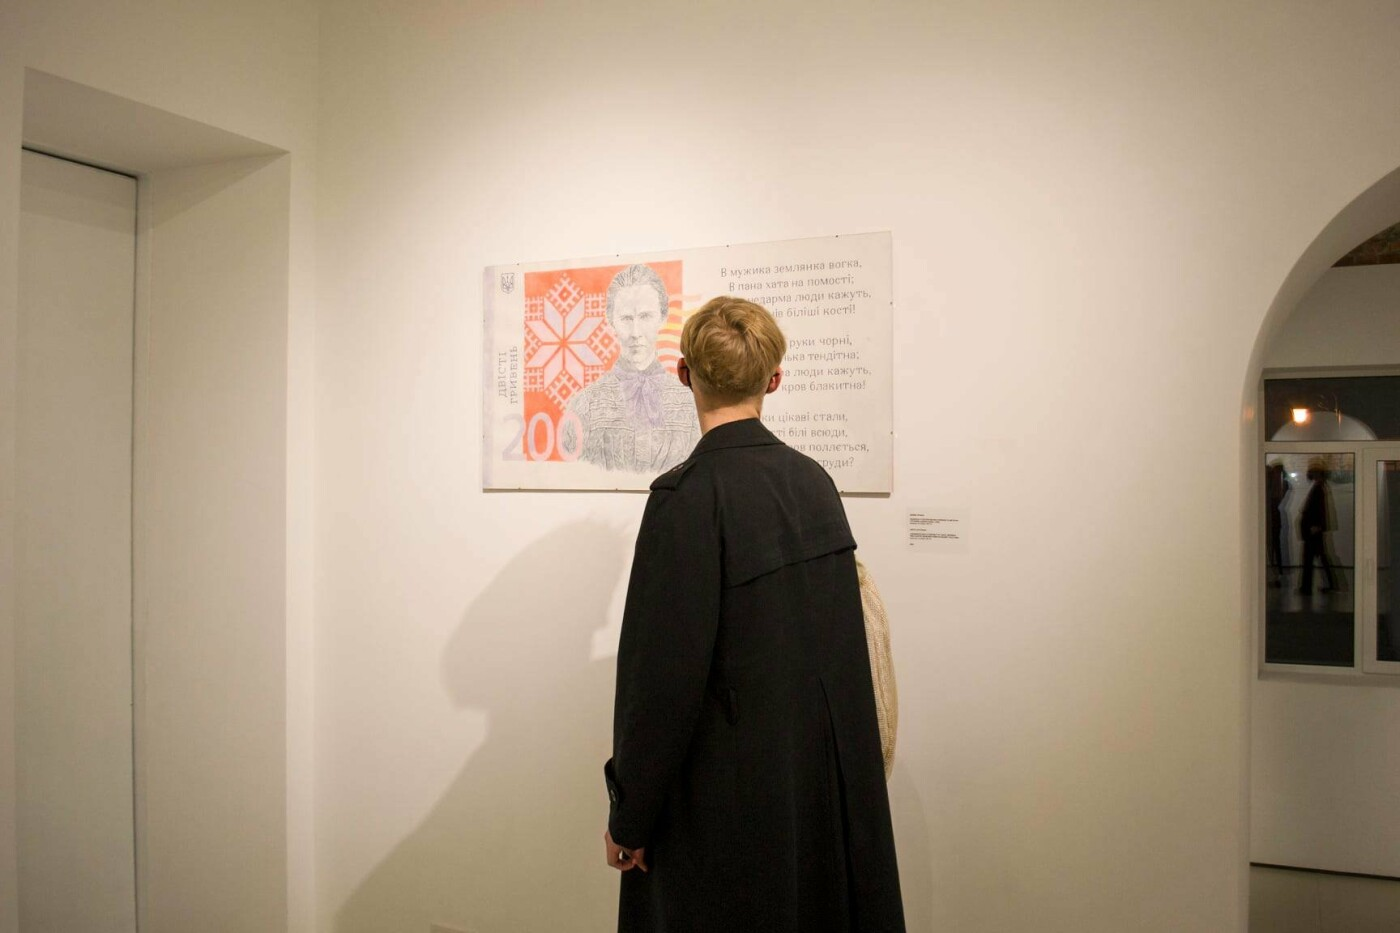 """Бранч з нагоди відкриття персональної виставки Давида Чичкана """"Портрети, які говорять"""", Фото: Veronika Monakova"""